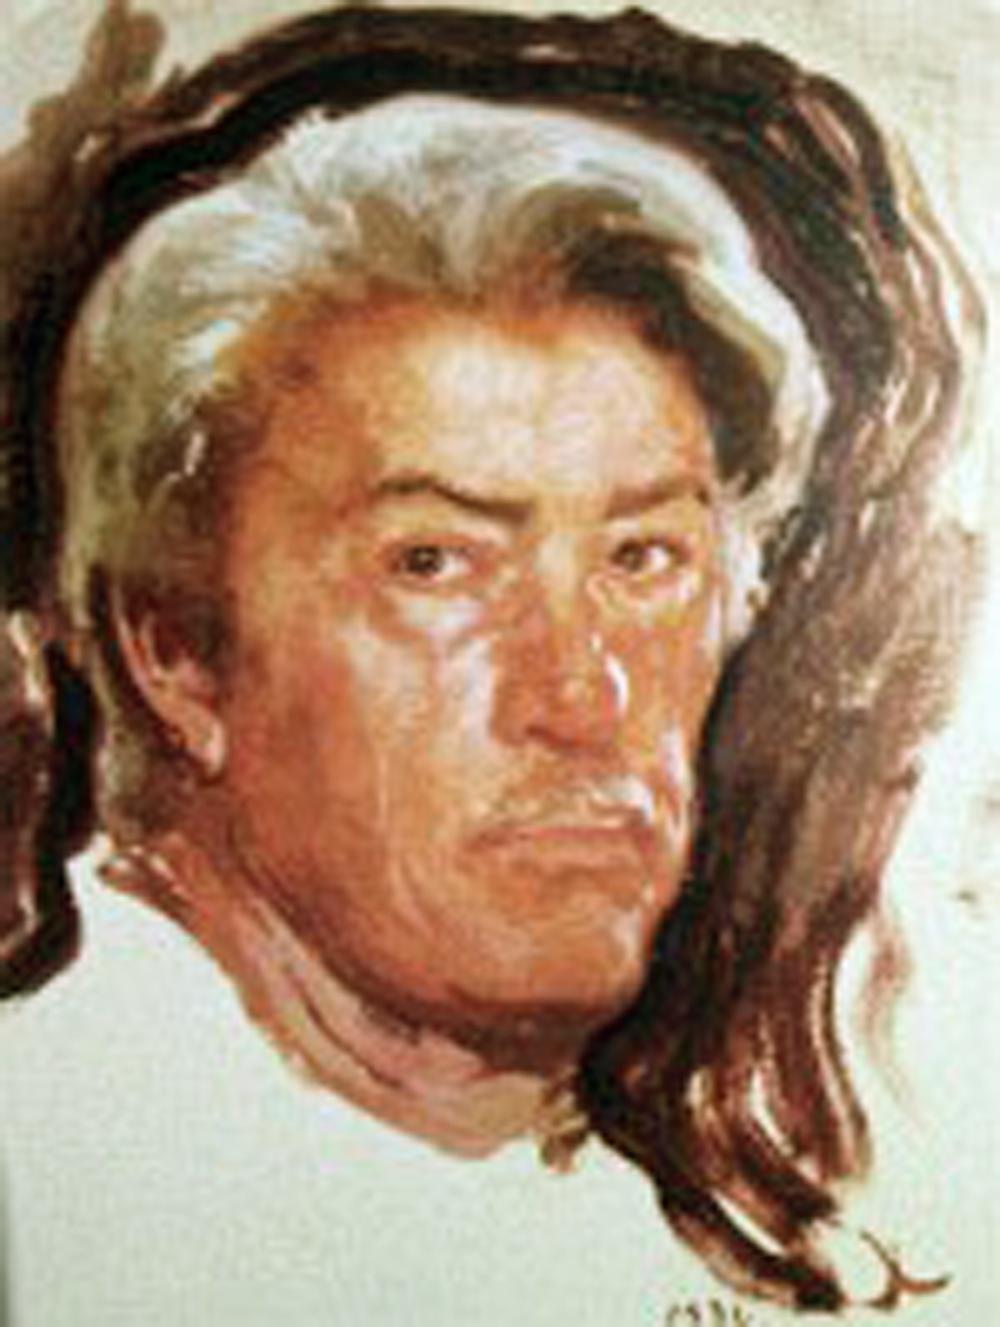 Josep Puigdengolas Barella, Galería de autorretratos, Pintor español, Pintura española, Pintores Realistas Españoles, Galería de retratos Figurativos, Josep Puigdengolas, Pintor Josep Puigdengolas